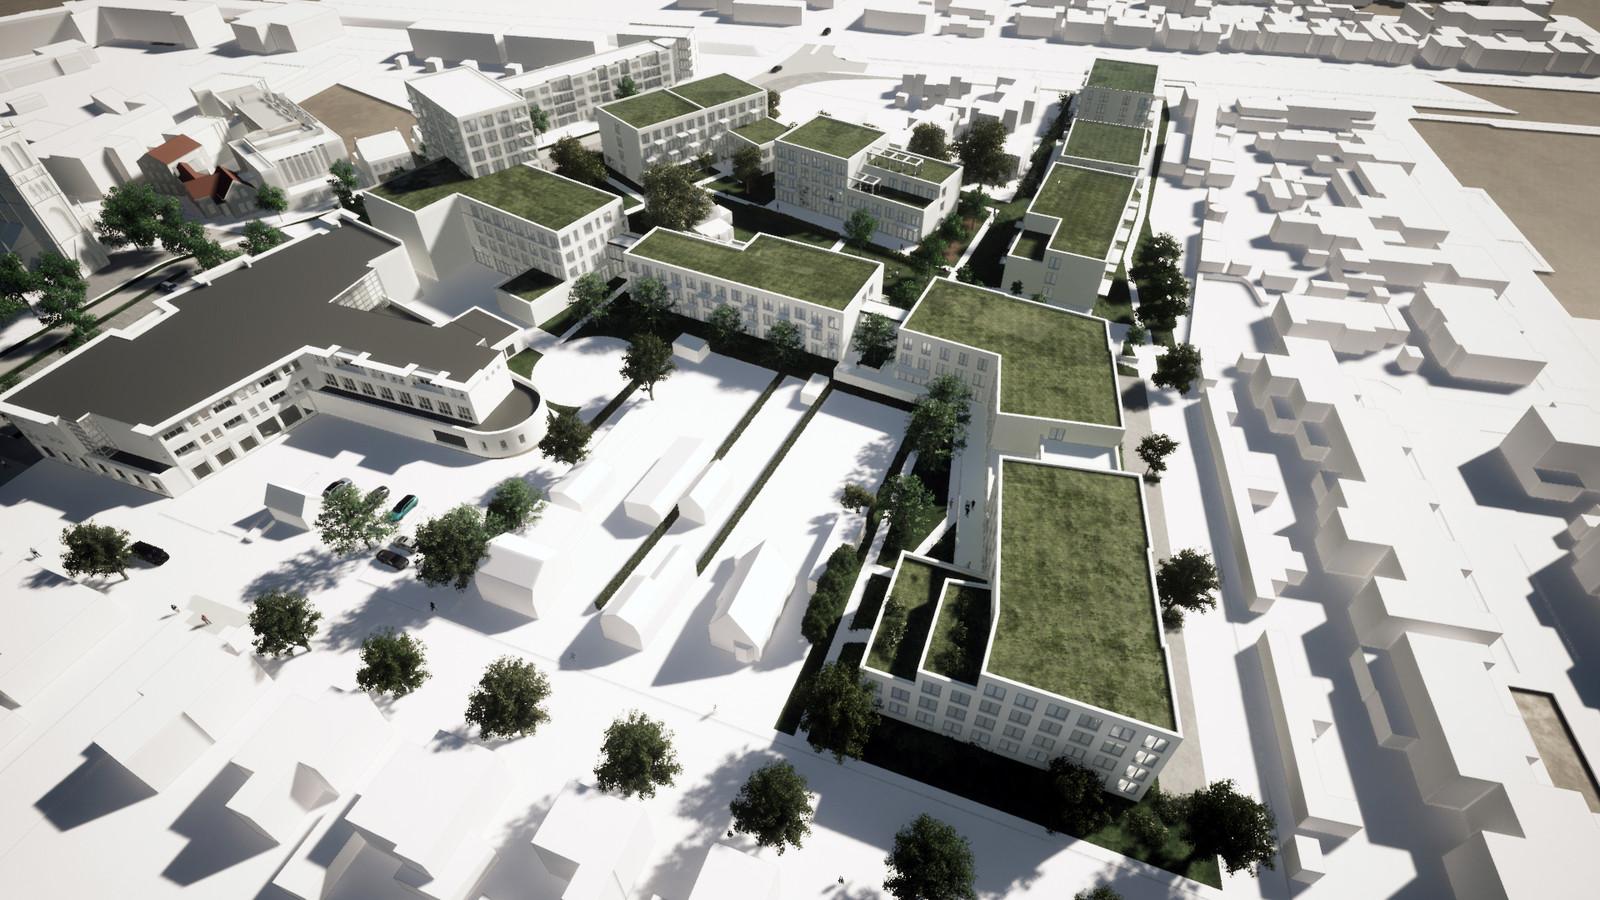 Een impressie van de nieuwe buurt op de plek van woonzorgcentrum Alphonsus in de Helmondse wijk Mierlo-Hout. Op de voorgrond de Pastoor Elsenstraat. In het midden de kloostertuin die de Hoofdstraat (links) verbindt met de Kardinaal van Enckevoirtstraat (rechts).